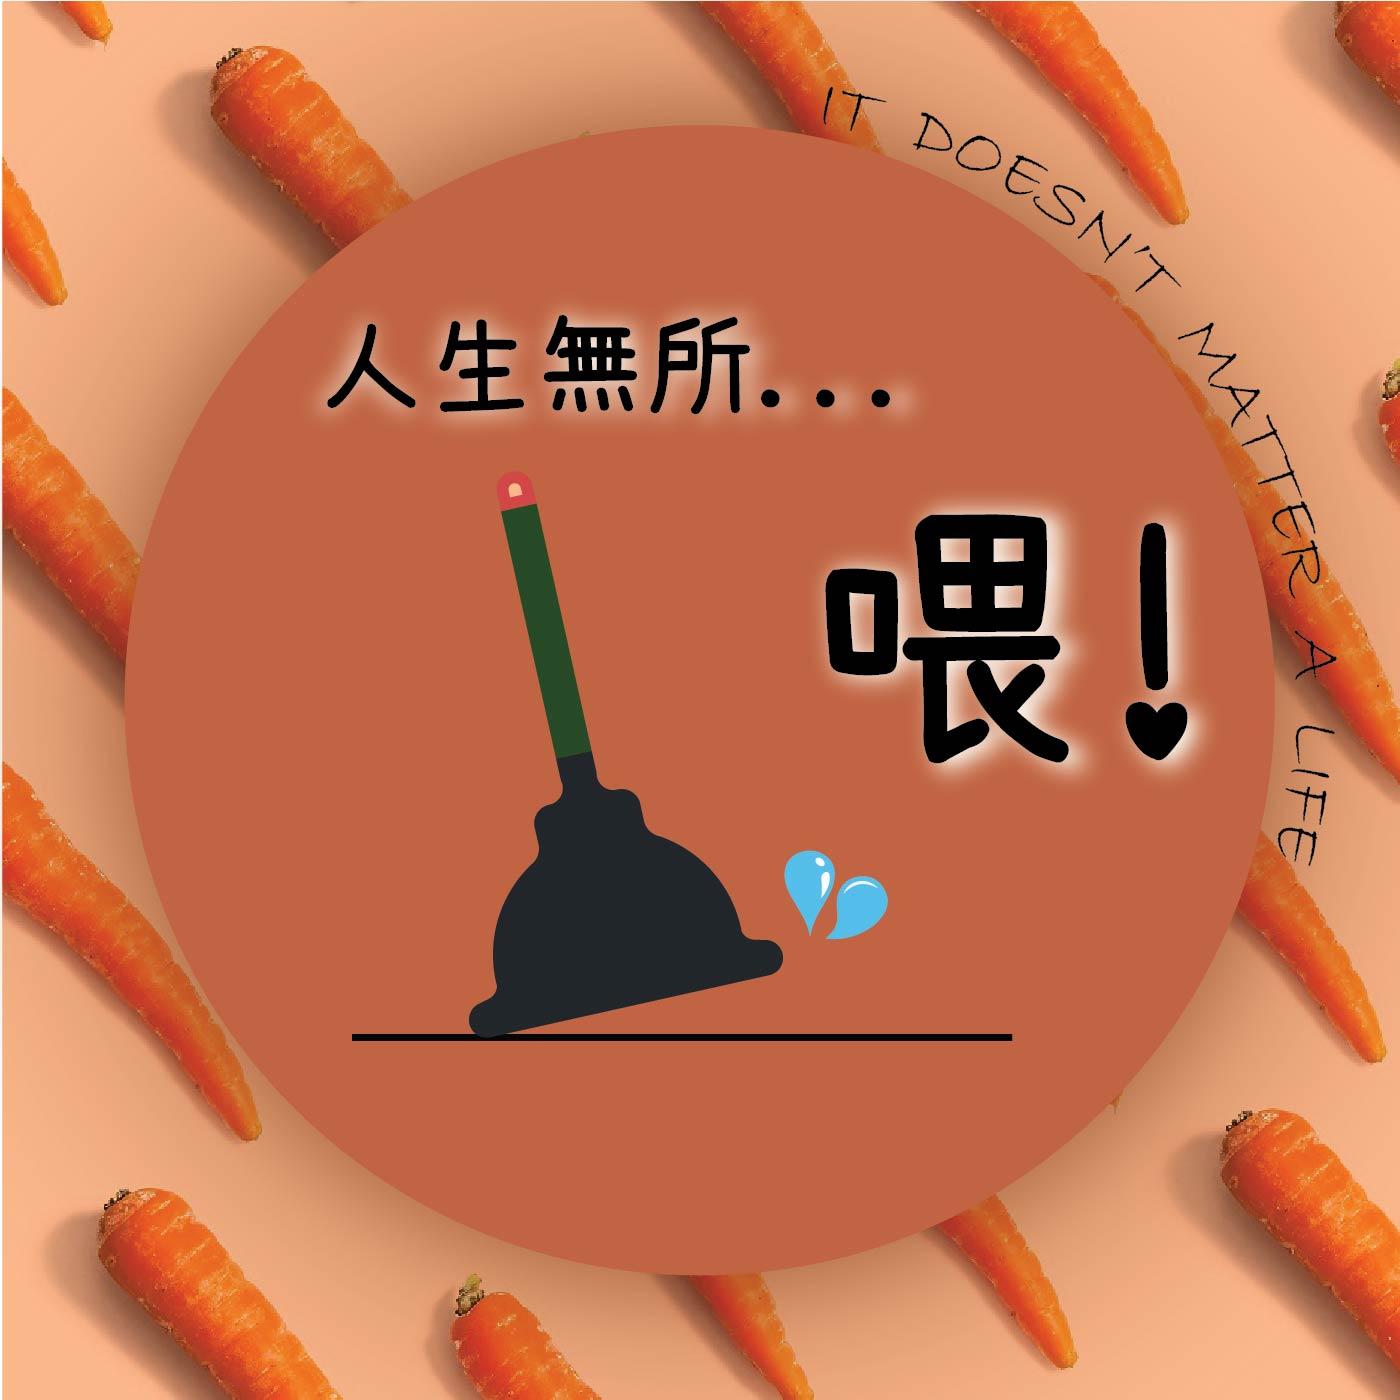 [EP08] 國民健康操! 預備!! 預備備!!!